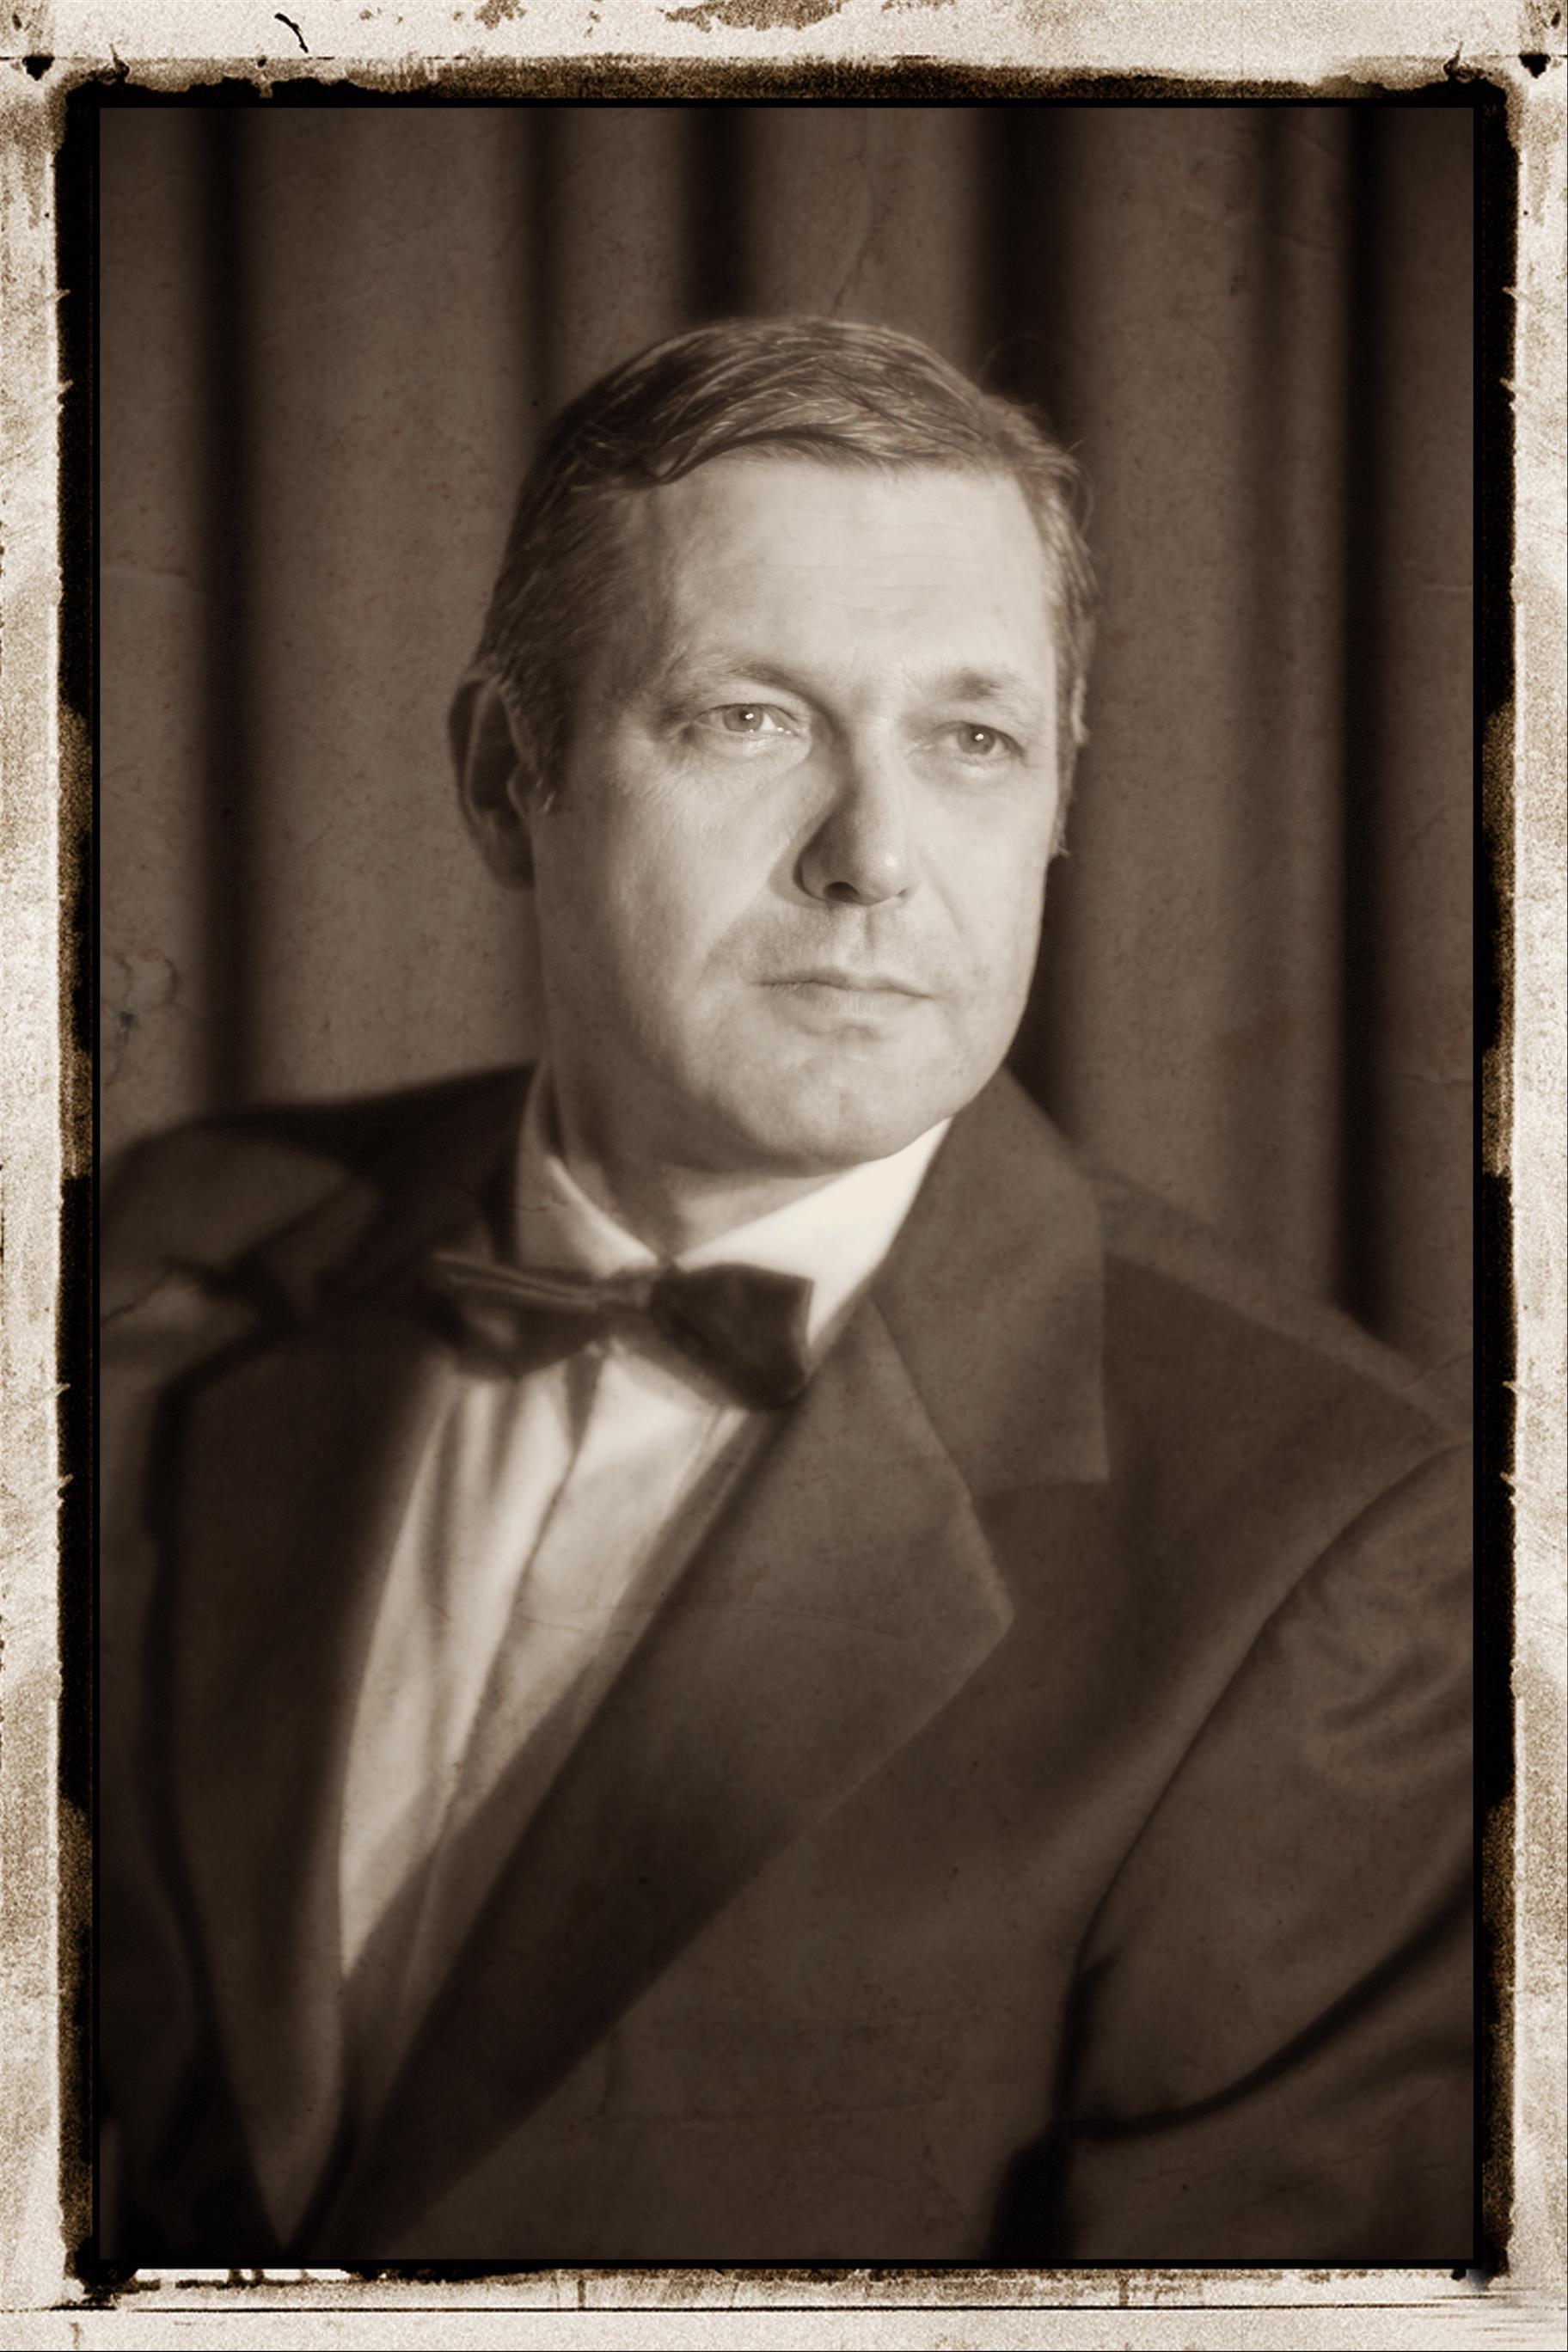 Helmut Dillinger